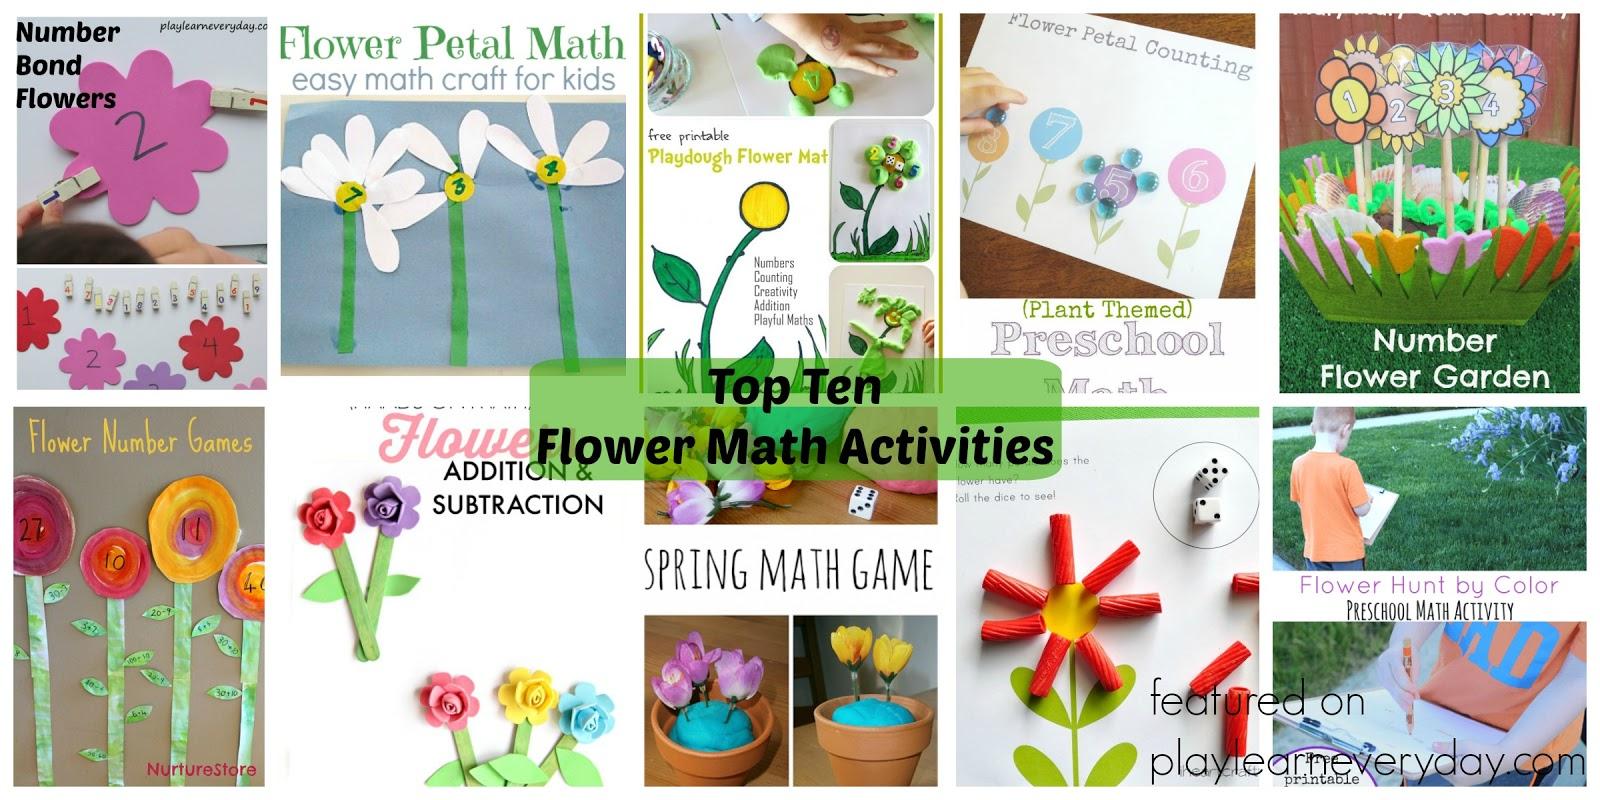 Top Ten Flower Math Activities